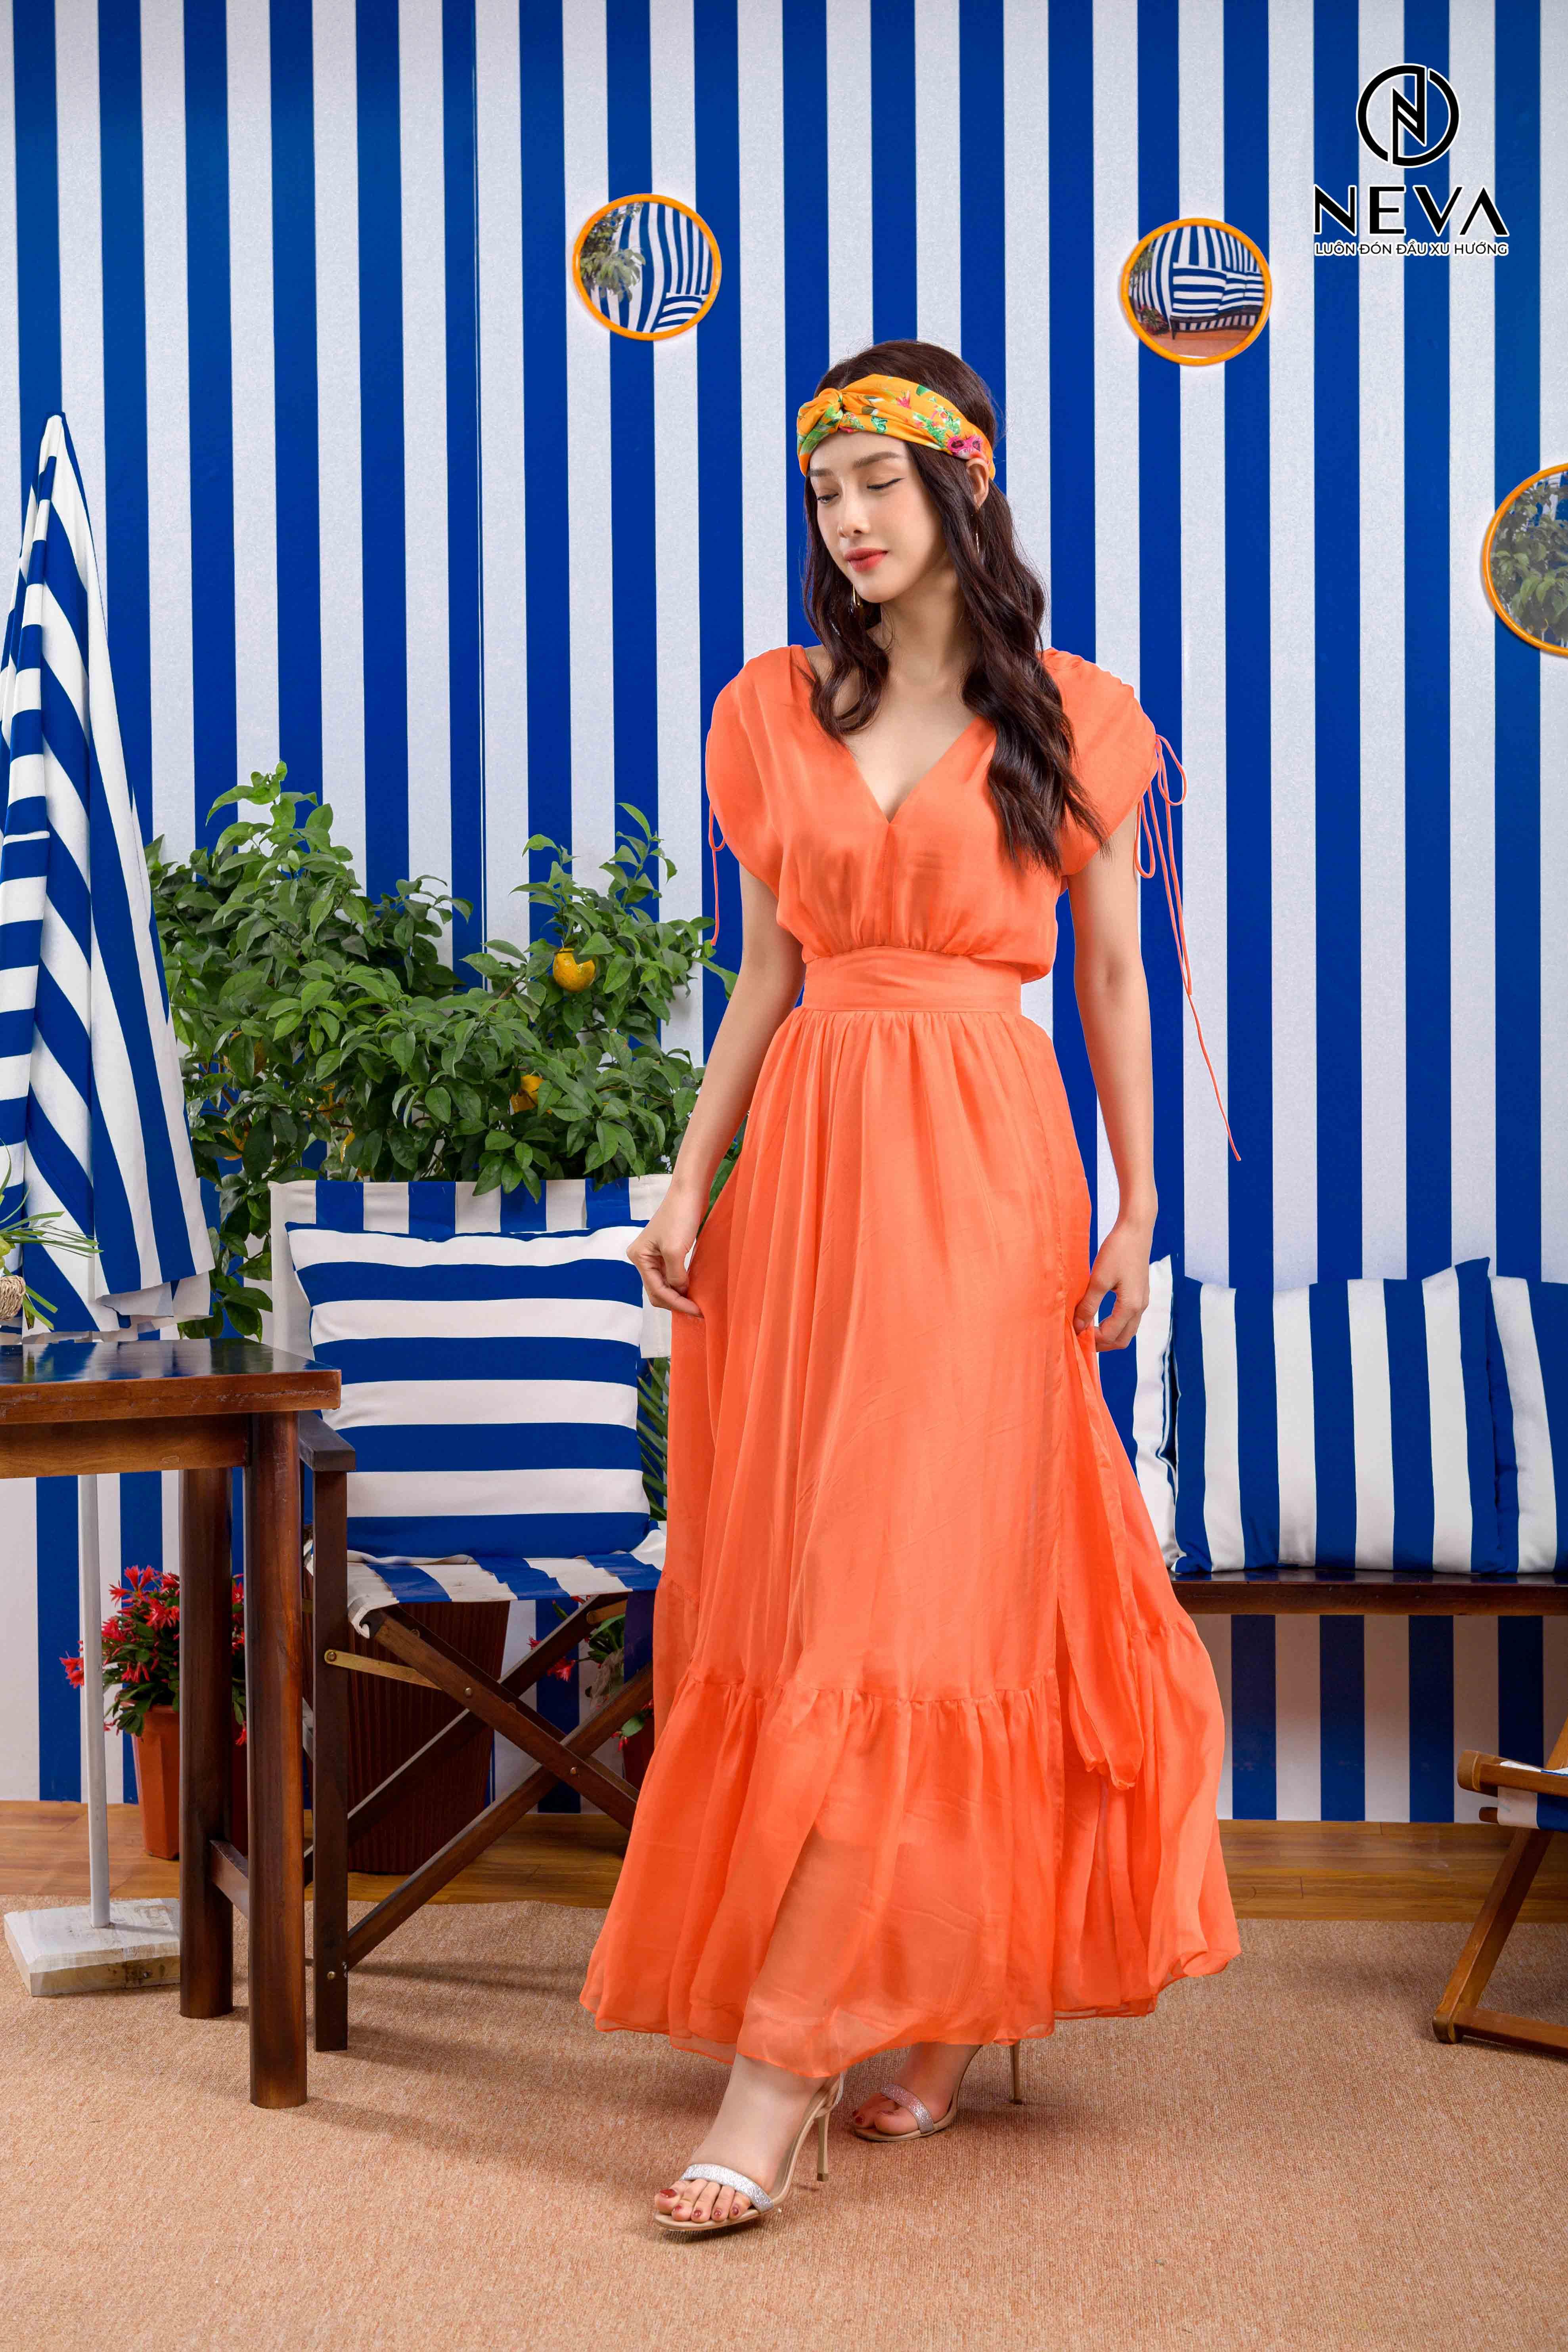 đi biển mặc gì đẹp - váy maxi 2021